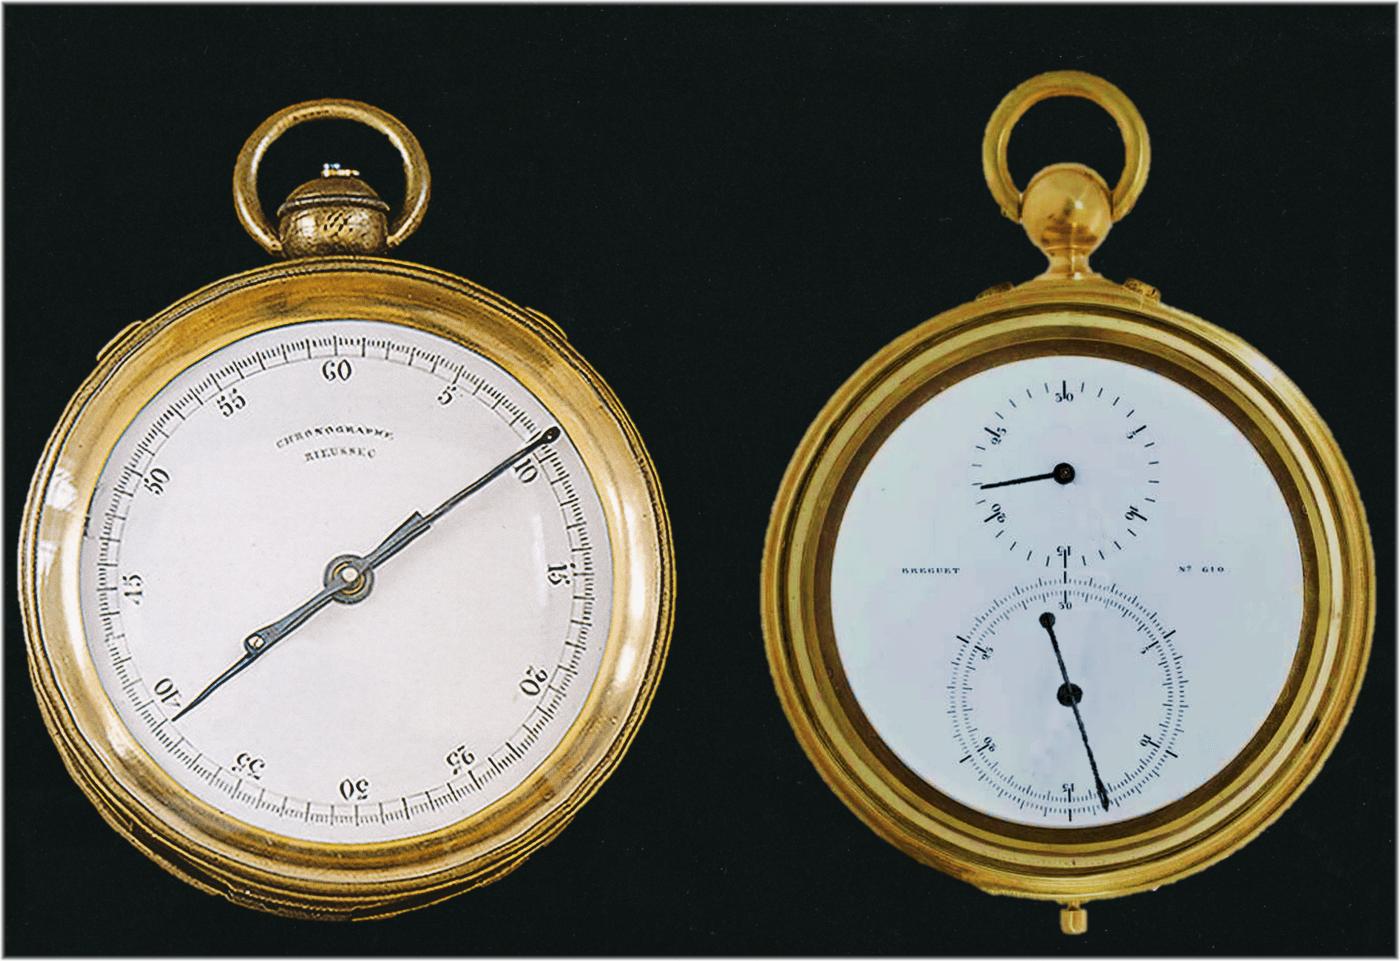 Taschenuhren mit Tintenschreiber-Chronograph von Rieussec (links) und Breguet (rechts)